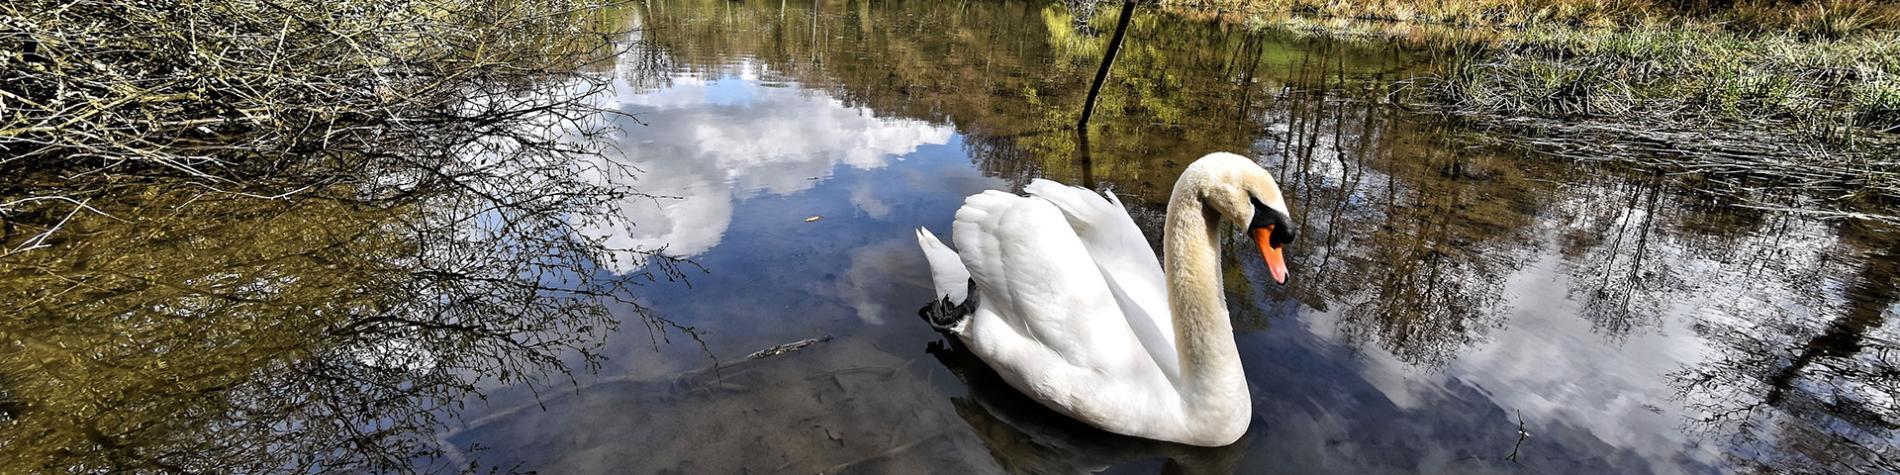 Les Jardins de la Découverte - Lac de Bambois - Fosses-la-Ville - Natura 2000